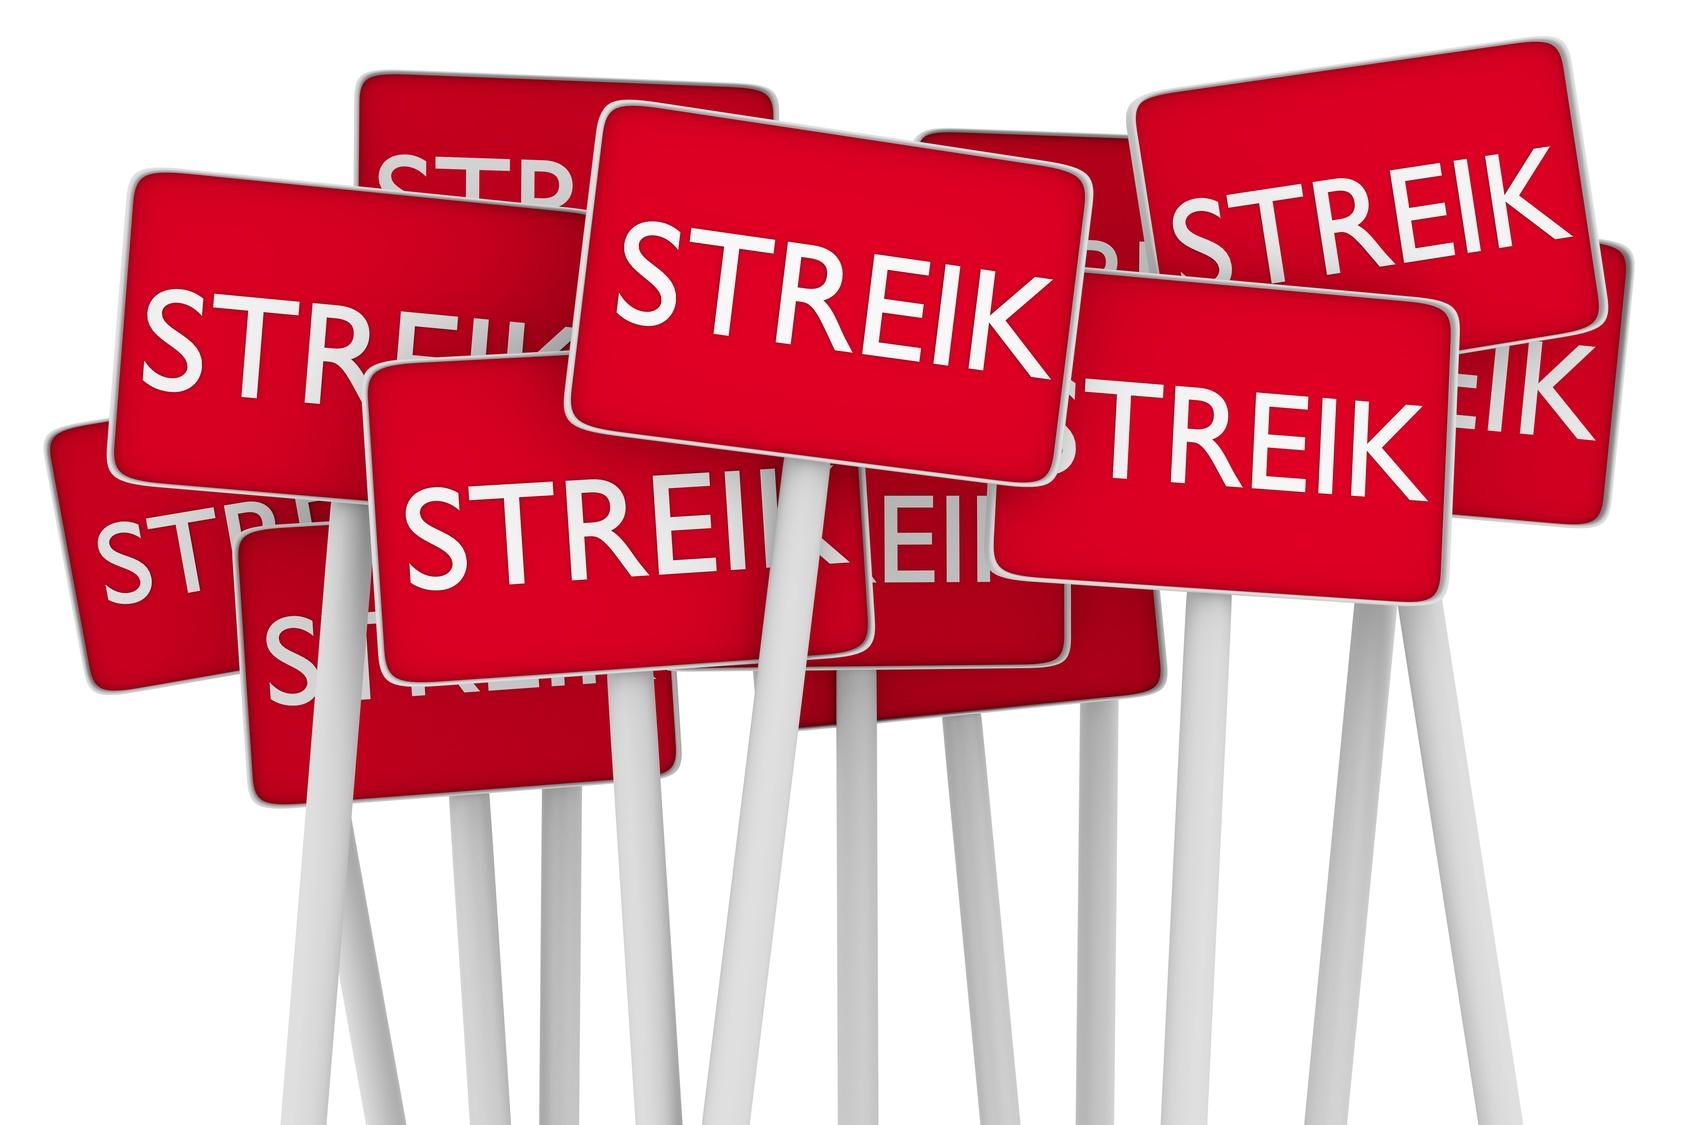 Streik und Streikrecht